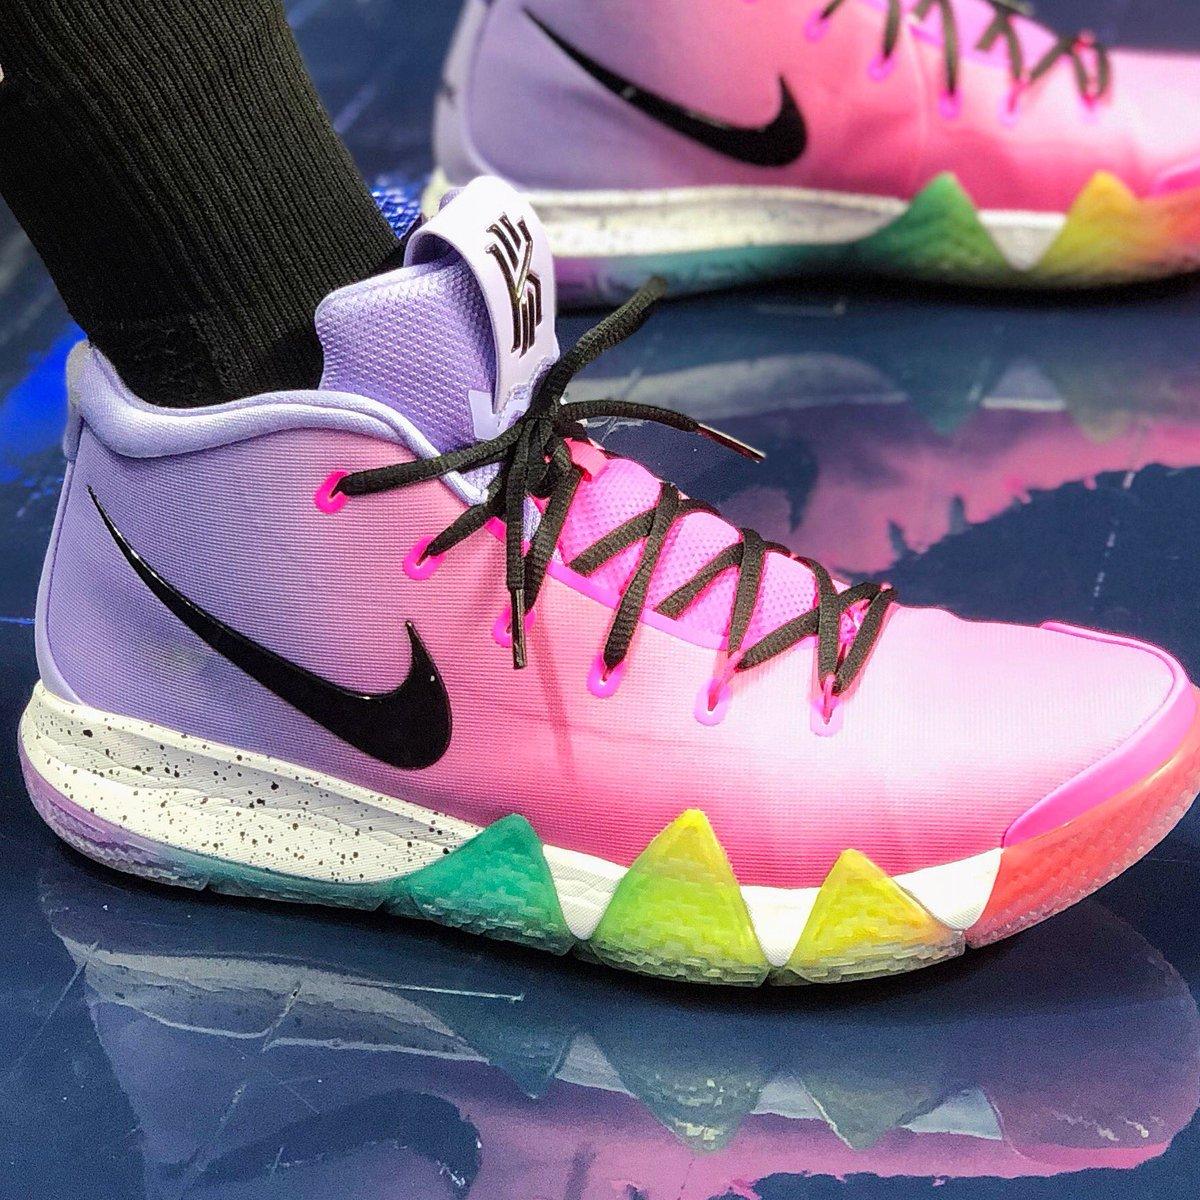 .@jus242's #WNBAKicks for tonight's @connecticutsun action! (7:00pm/et ESPN 2)